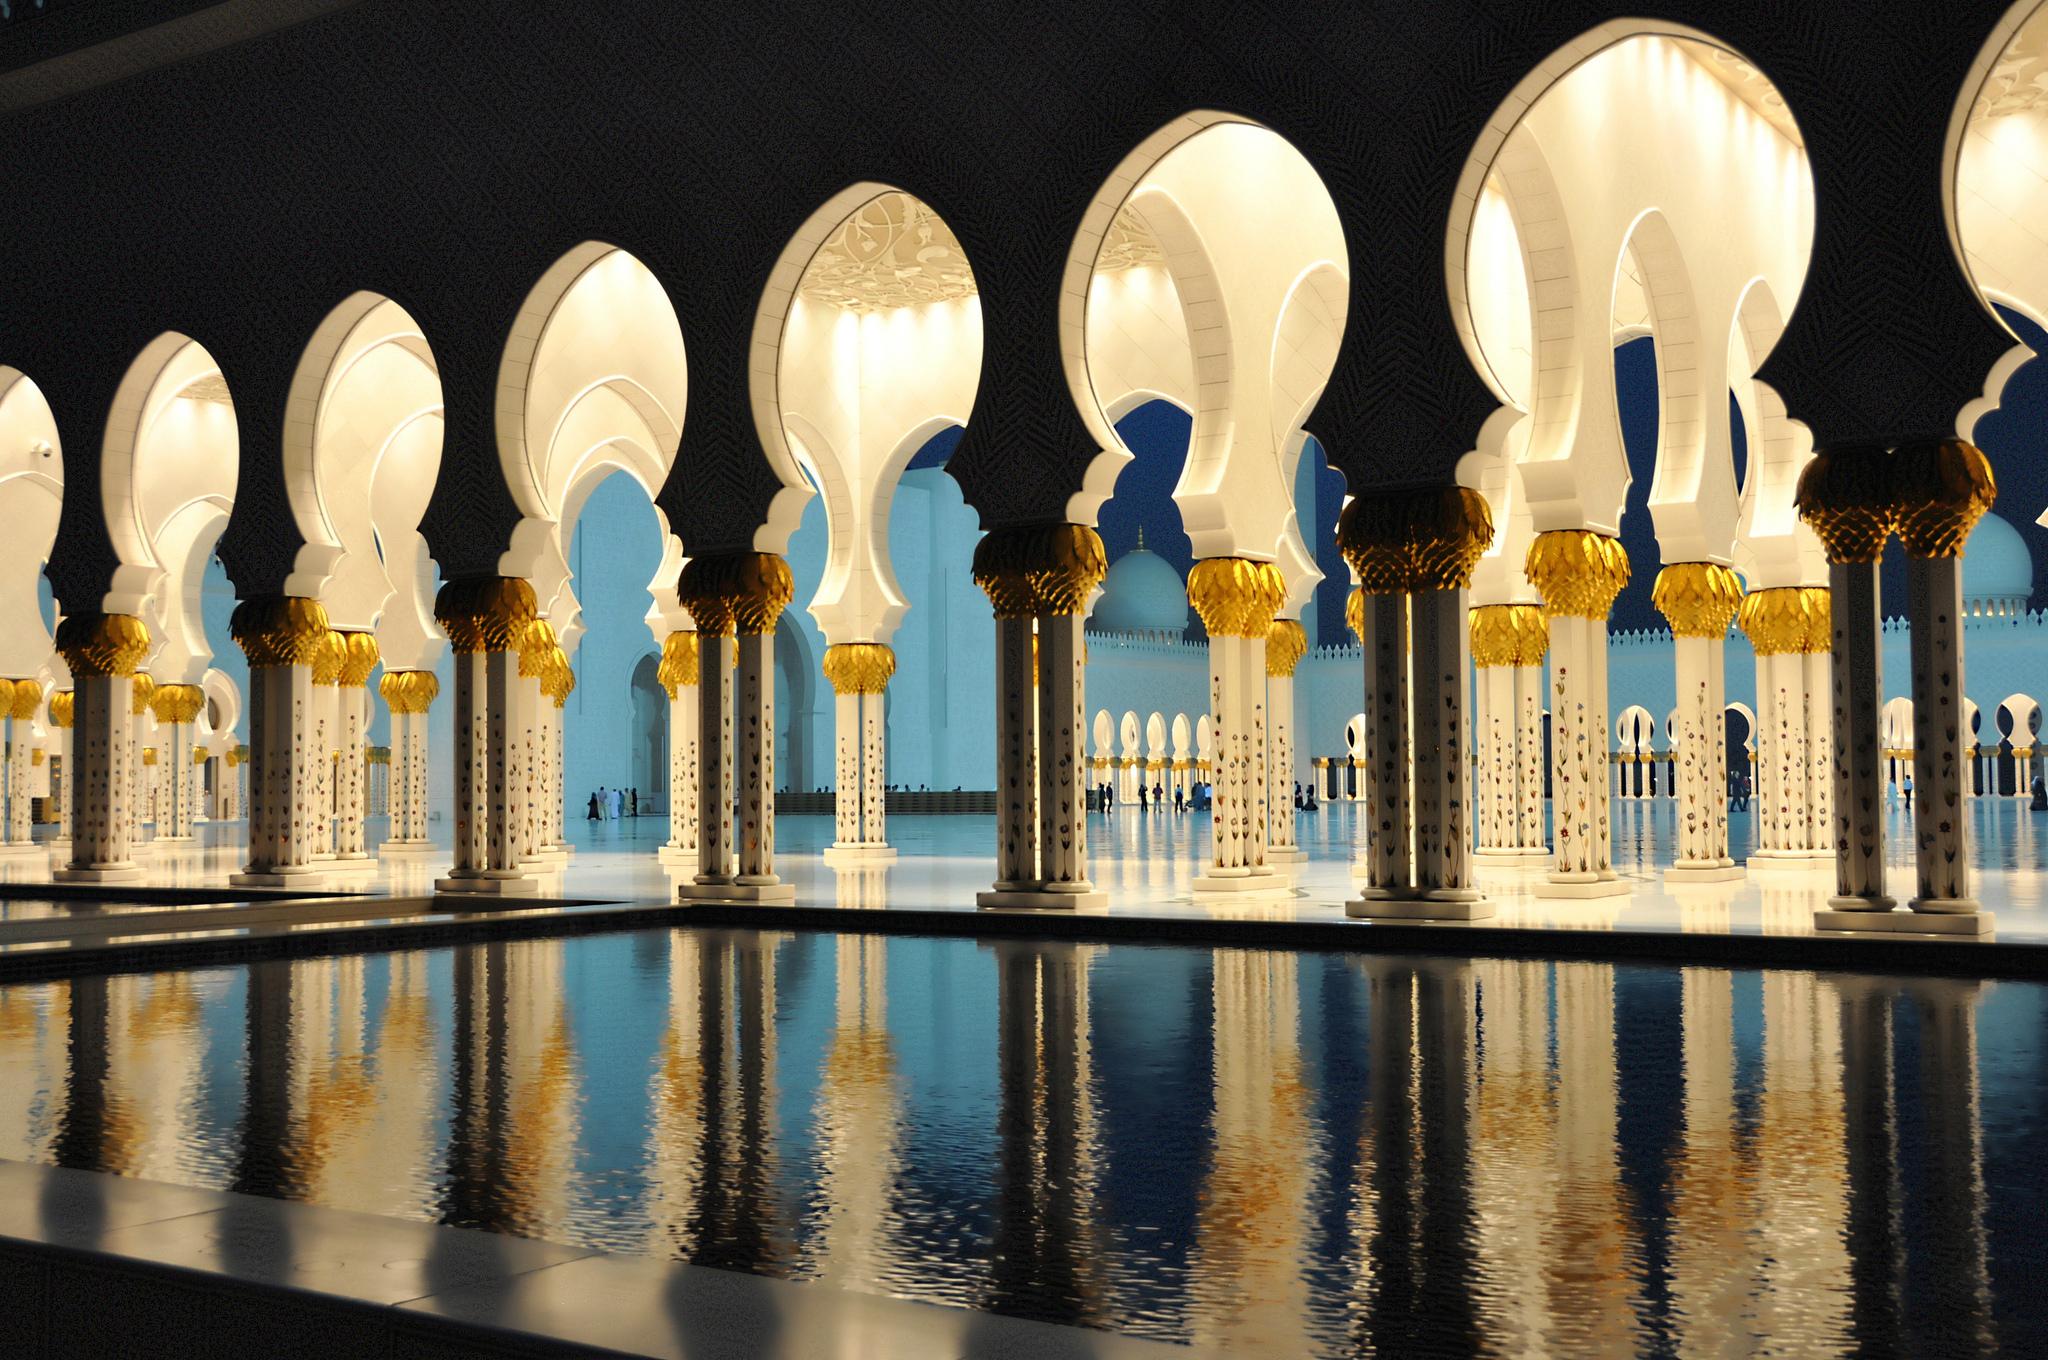 Бассейн и коридор в Большой мечети